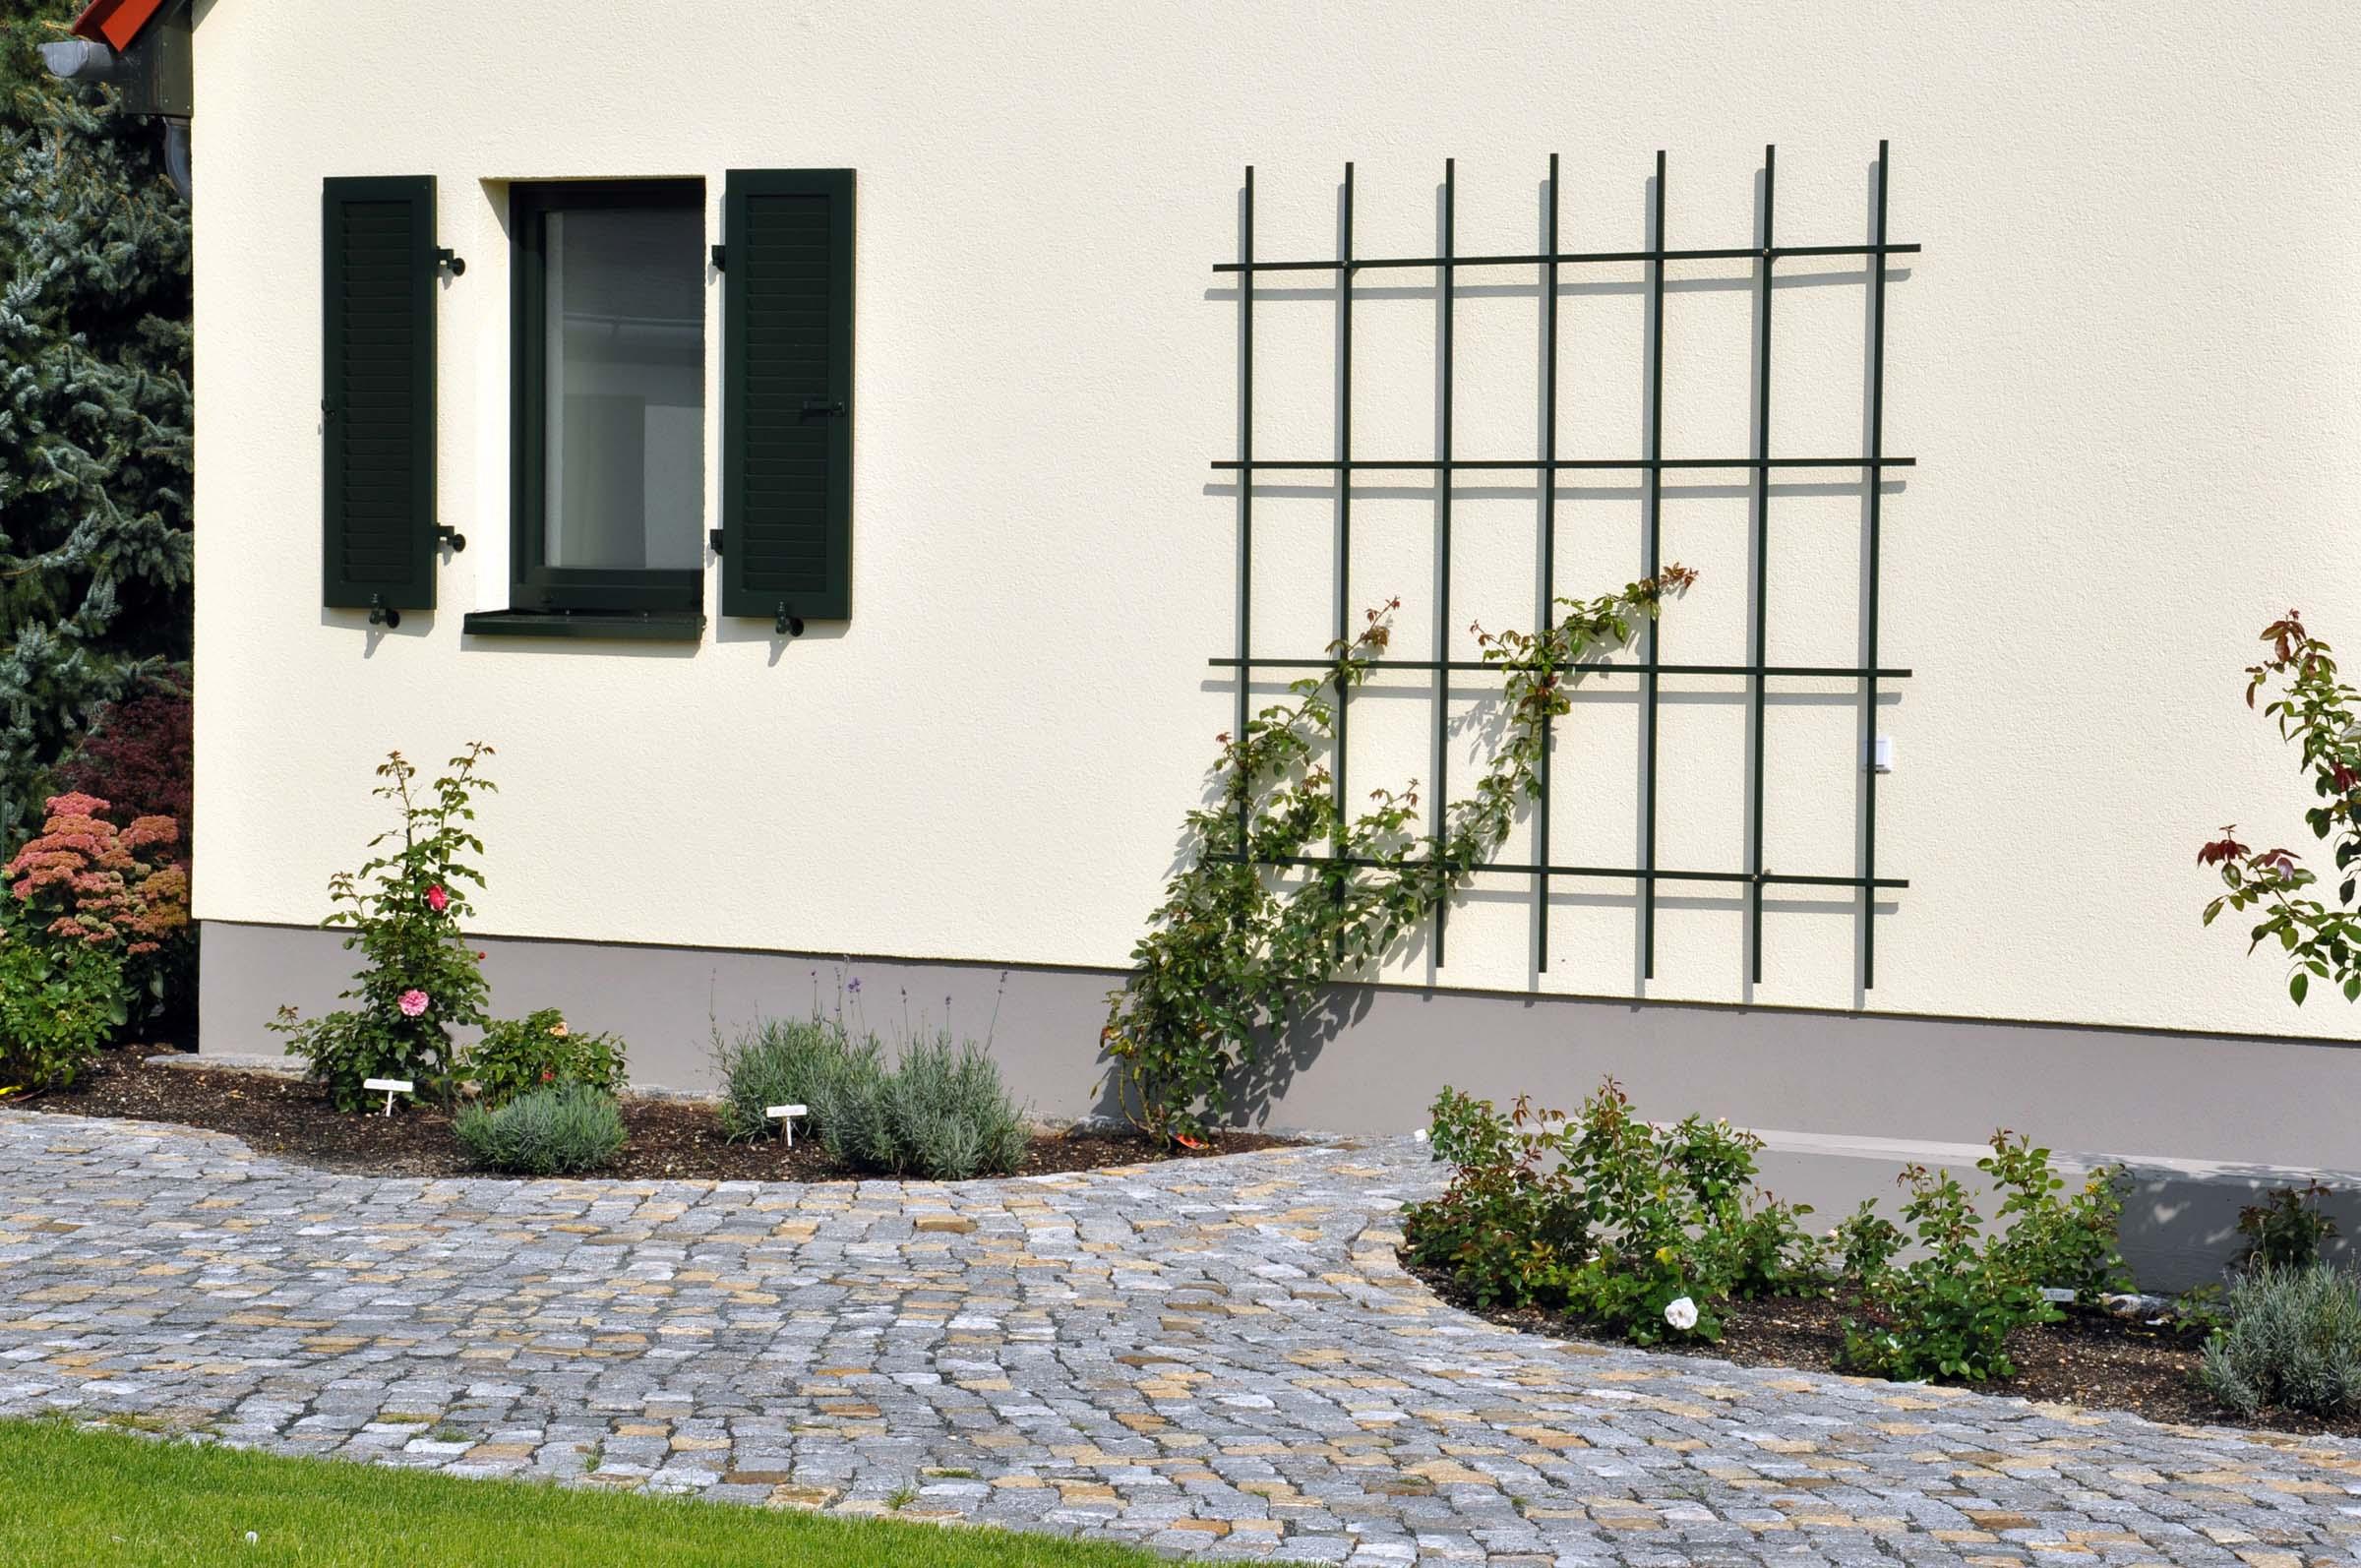 Pflanzspaliere aus Metall für die Hauswand